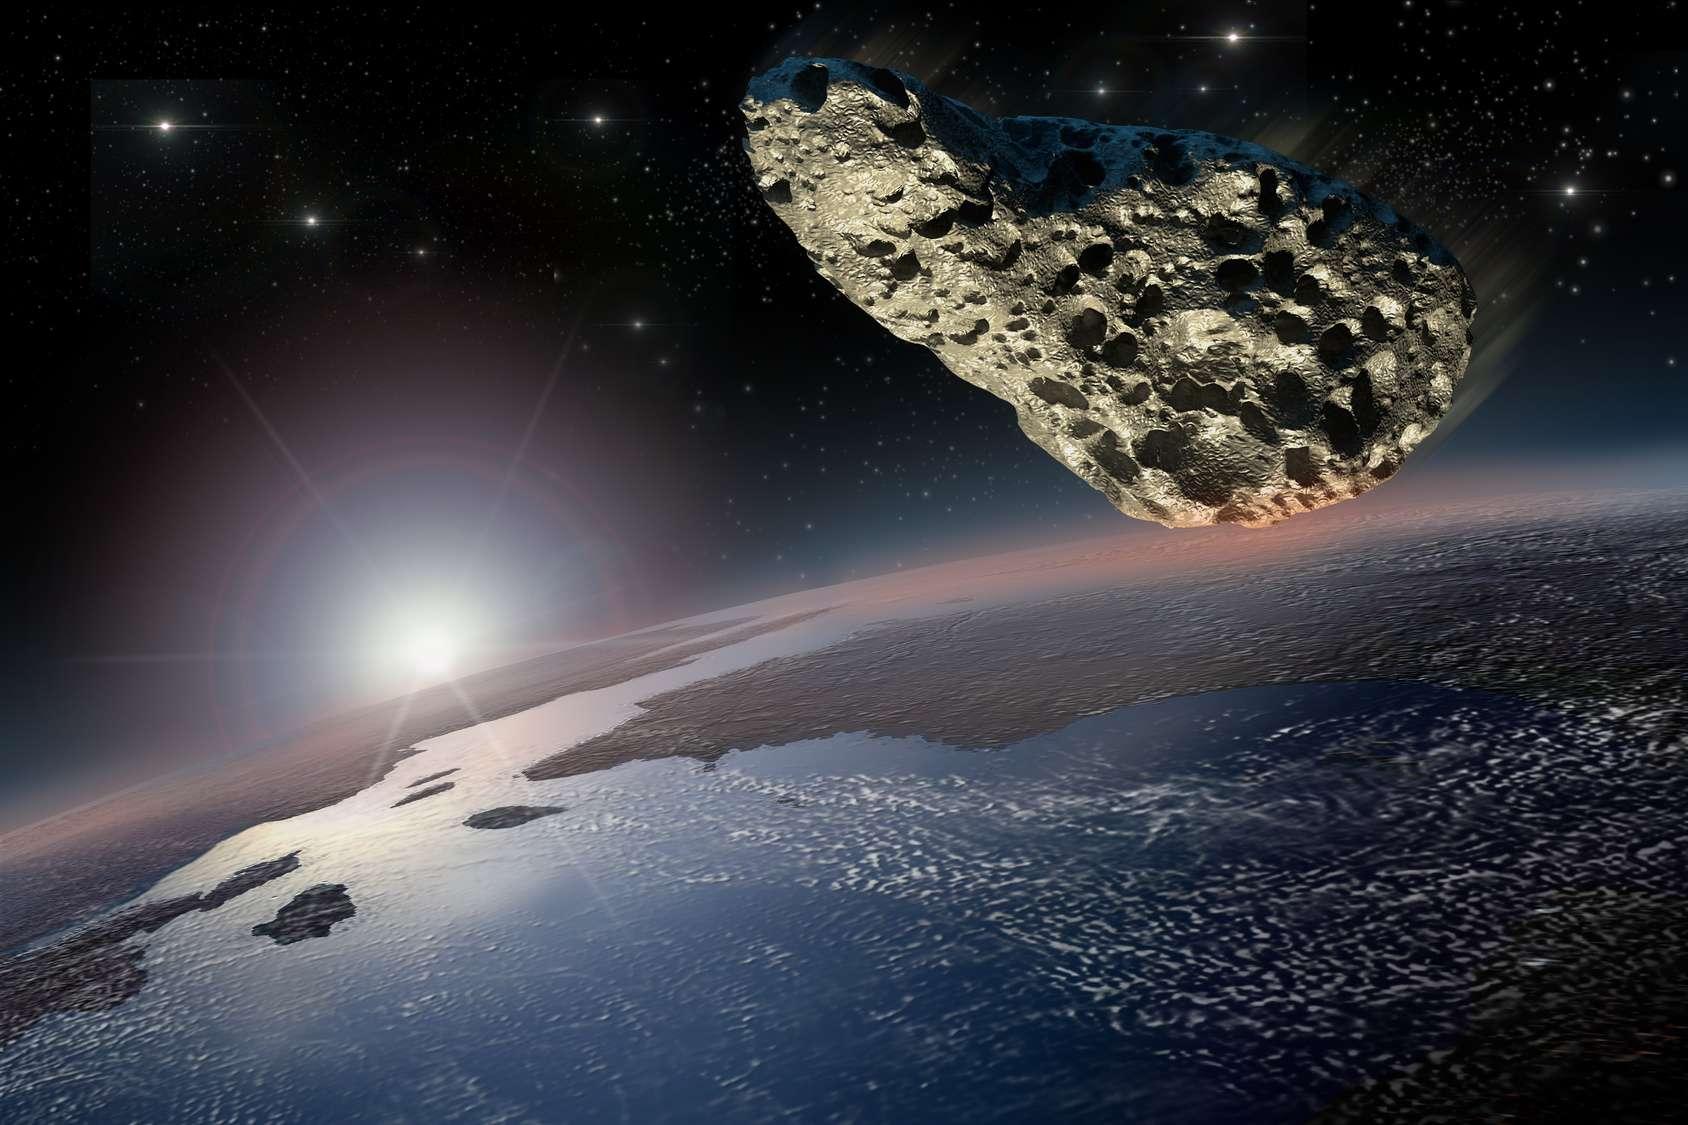 Une météorite d'une dimension estimée à 1 km a frappé la Terre au niveau de ce qui est aujourd'hui le nord-ouest de l'Écosse, qui se trouvait à l'époque près de l'équateur. © 3000ad, Fotolia